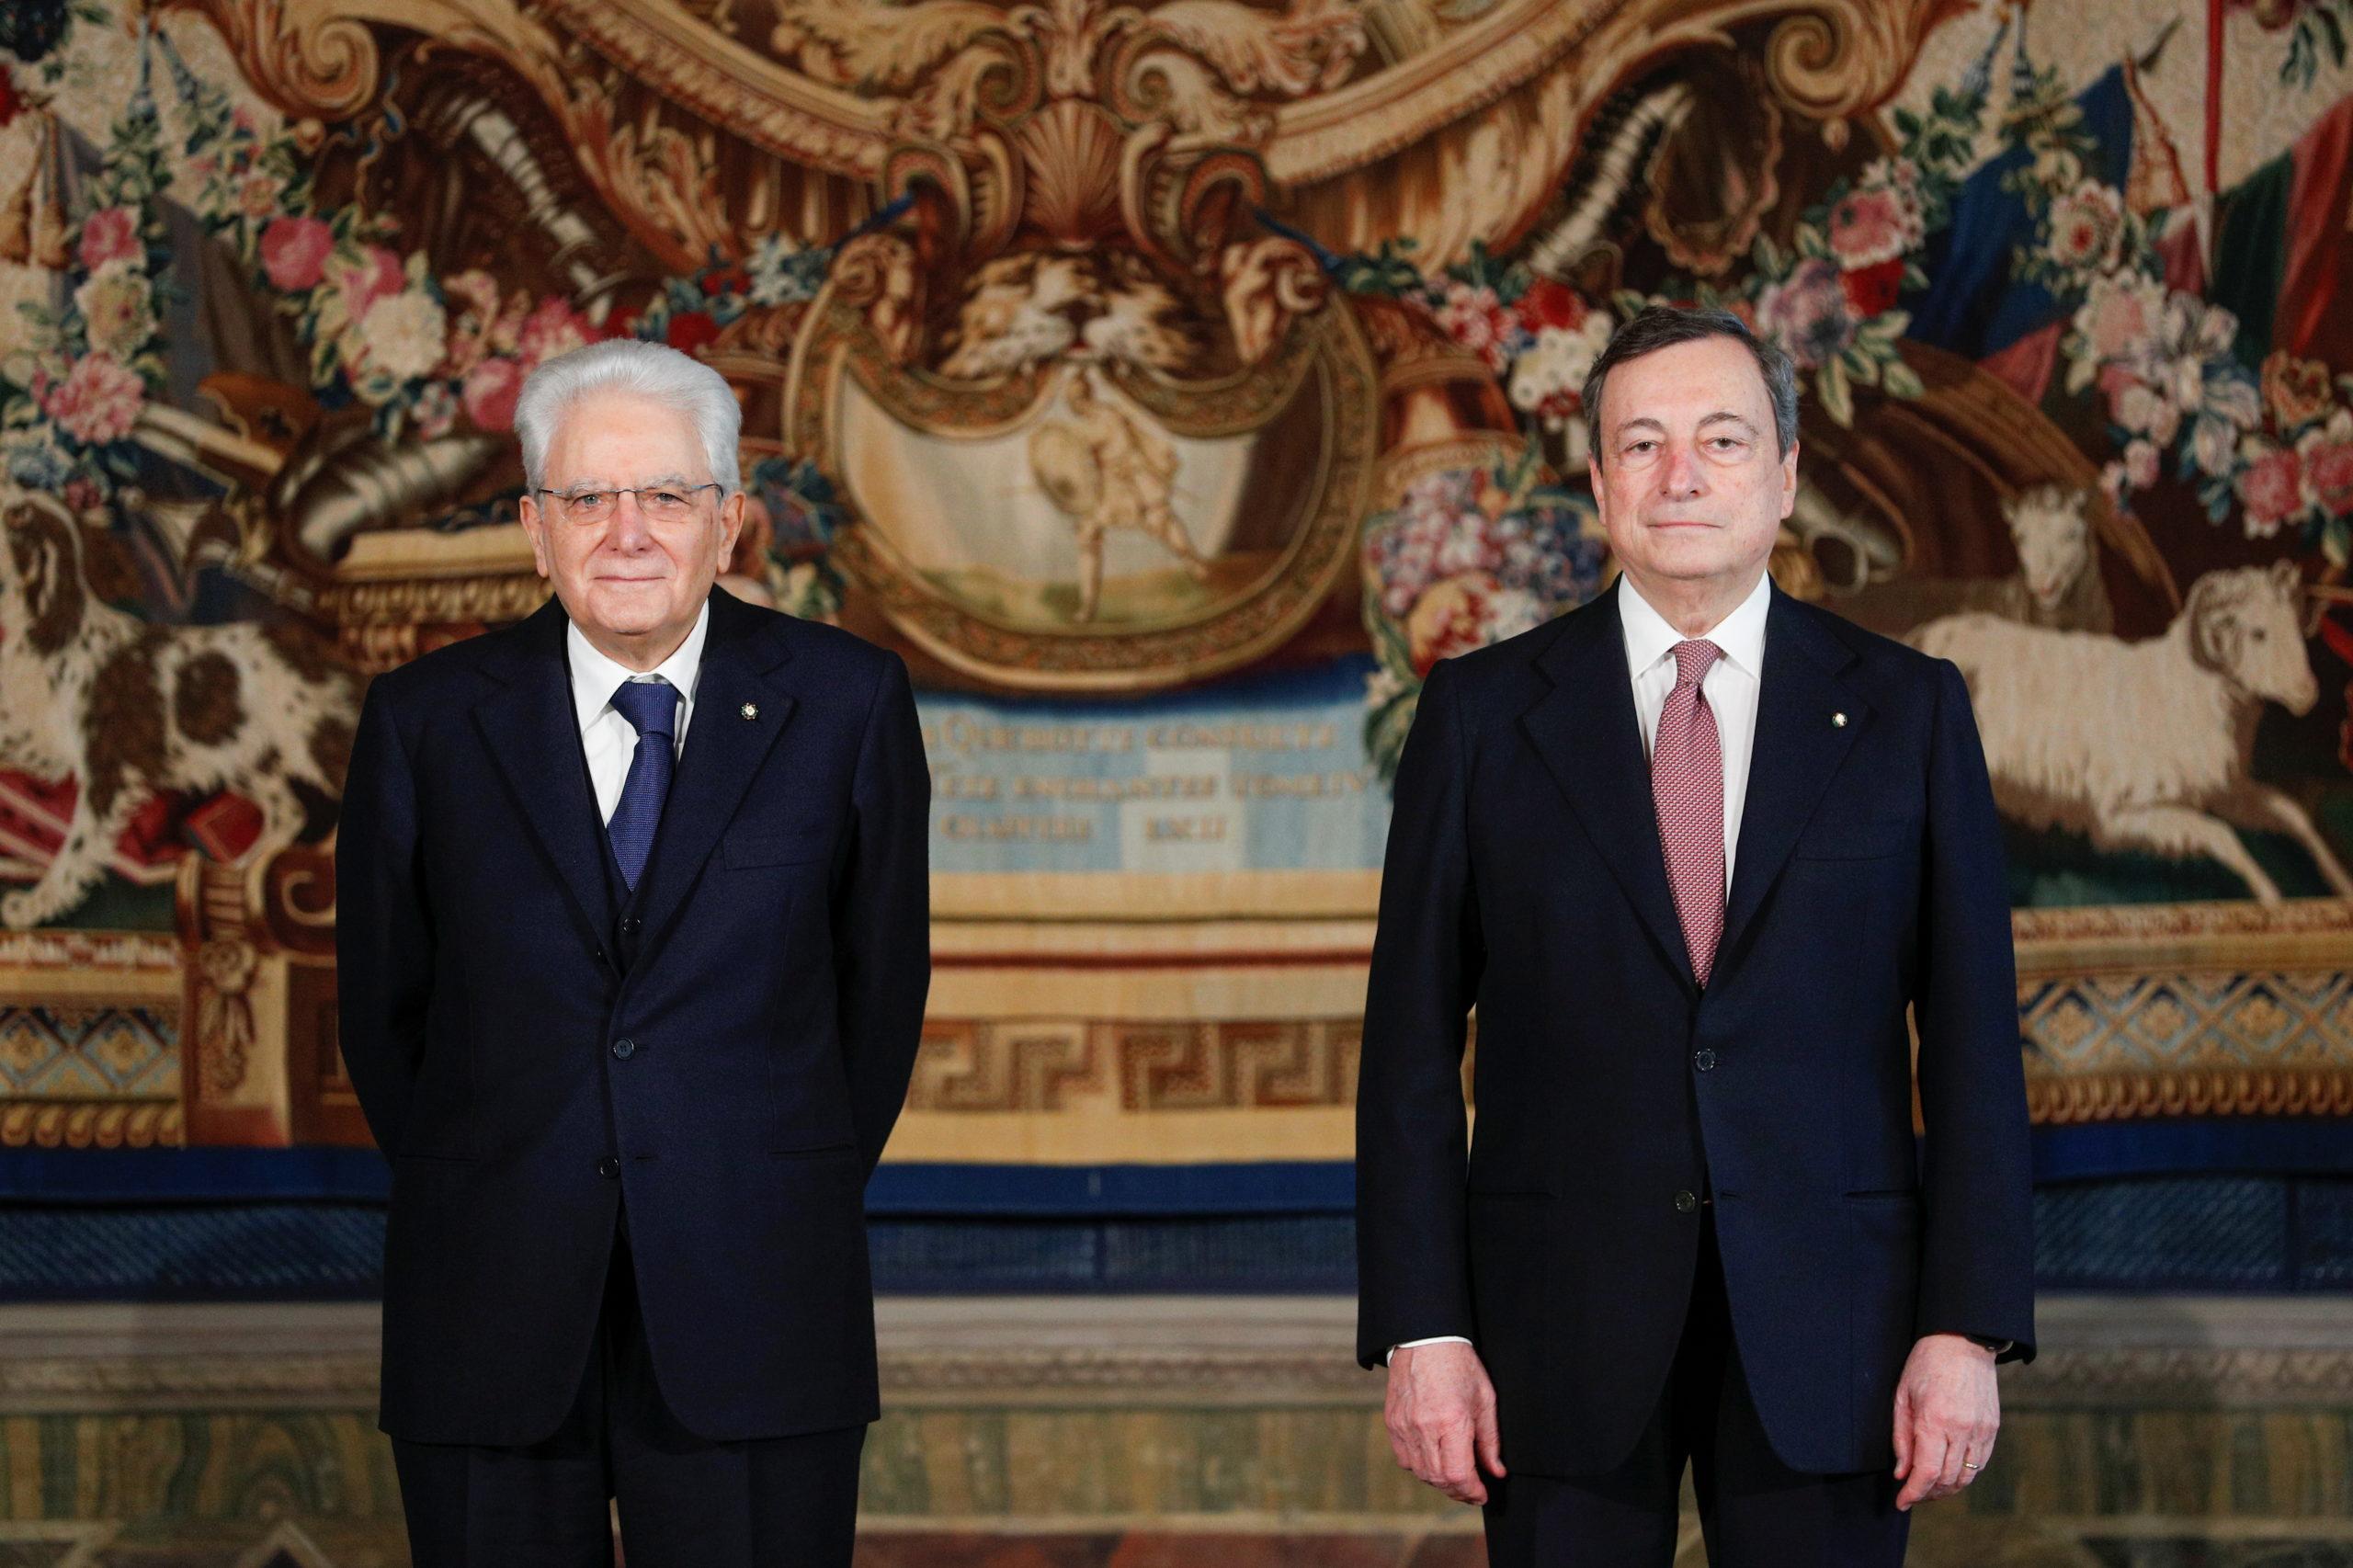 Italie: Draghi, nouveau président du Conseil, a prêté serment